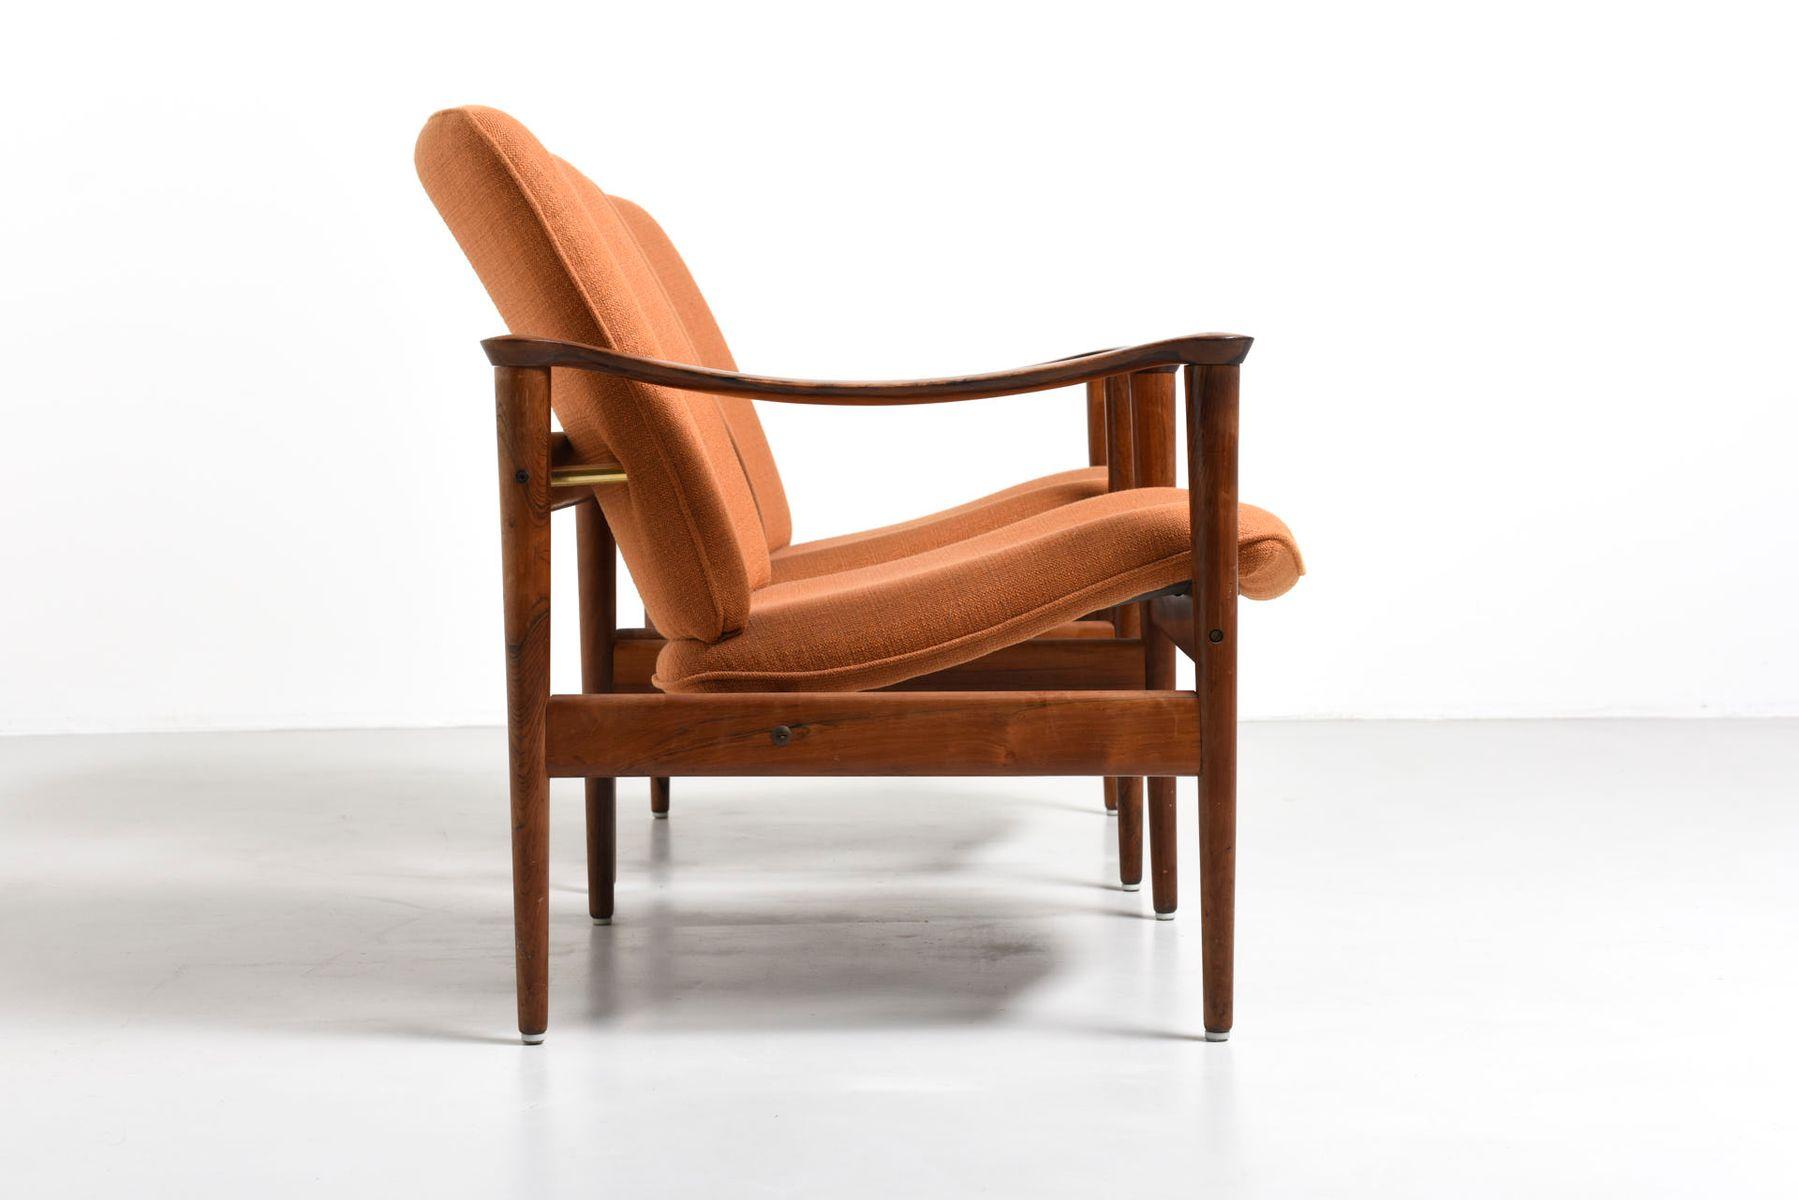 Best Modele Fauteuille Palissandre de Design - Idées de design ...